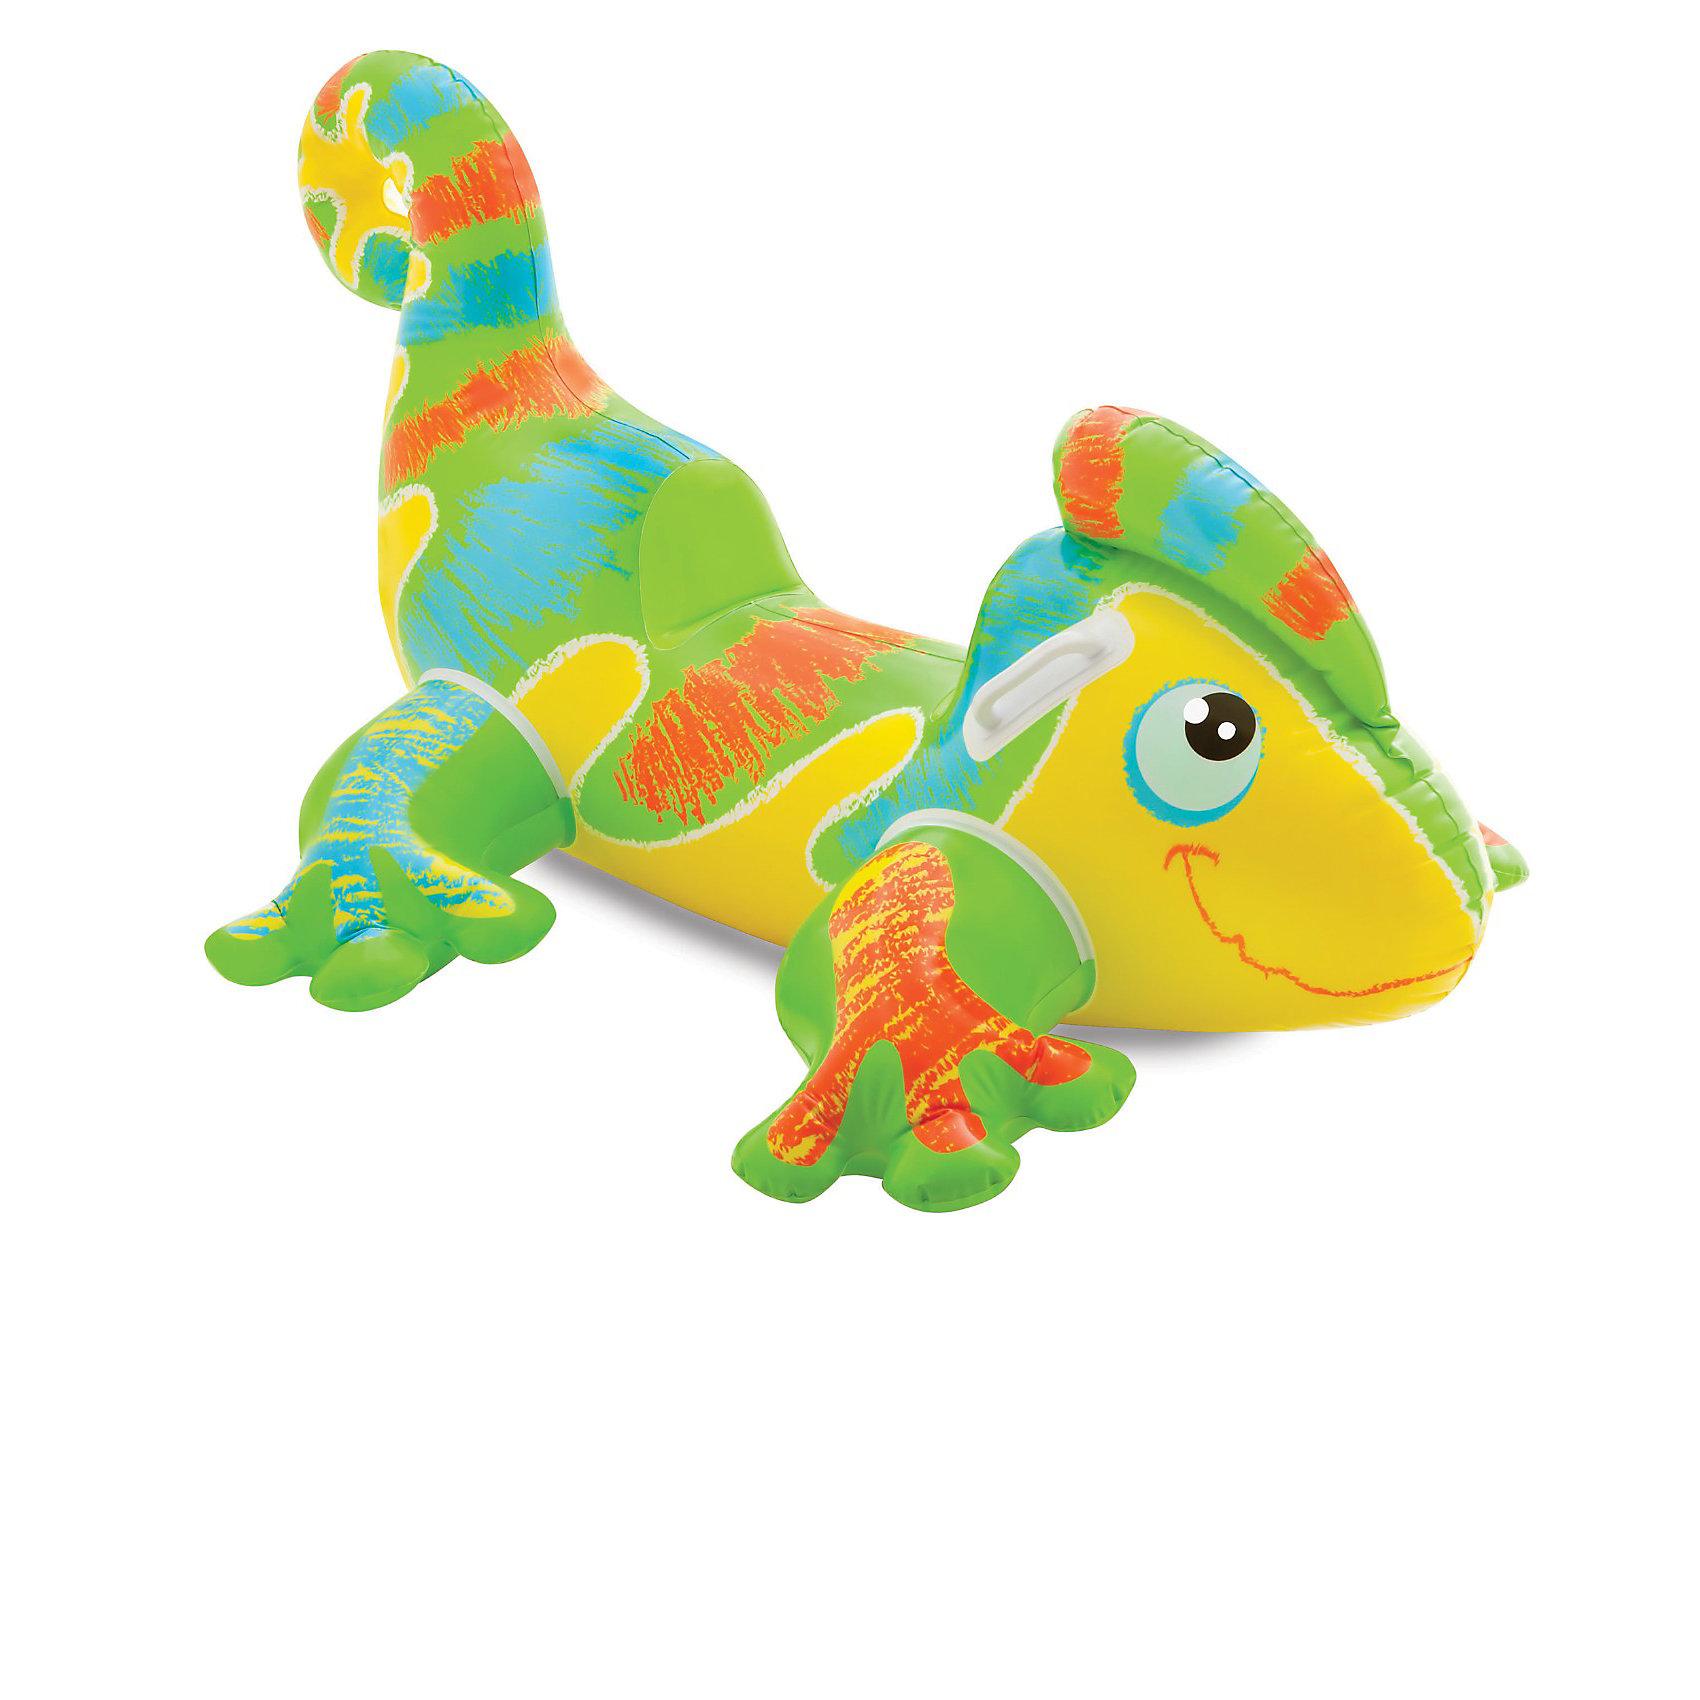 Детская надувная игрушка для игр на воде Ящерица, IntexМатрасы и лодки<br>Детская надувная игрушка для игр на воде Ящерица, Intex (Интекс) - надувная игрушка будет лучшим другом малыша на протяжении всего отдыха.<br>Красочная надувная игрушка в виде добродушной и улыбчивой ящерицы Геккон от Intex (Интекс) подарит Вашим детям ощущения счастья, беззаботности и радости. Она отлично подойдет для игр на воде и суши, и доставит ребенку множество положительных эмоций. Игрушка изготовлена из прочного поливинилхлорида, толщина которого 0,25 мм. Не скользит, швы у материала почти незаметны, они не будут натирать кожу. Она очень хорошо держится на поверхности воды. Удобная конструкция сиденья и пластиковые ручки-держатели, расположенные по бокам игрушки, помогут ребенку чувствовать себя более уверенным во время заплыва. В случае повреждения, в комплекте имеется ремнабор. Он быстро устранит дефект, и ребенок может продолжить свою игру.<br><br>Дополнительная информация:<br><br>- В комплекте: надувная игрушка с двумя пластиковыми ручками, ремнабор<br>- Размер: 138 х 91 см.<br>- Материал: ПВХ 0,25 мм.<br>- Система безопасности ребенка: двойной клапан, прочный протестированный ПВХ<br>- Размер упаковки: 23х20х7 см.<br>- Вес: 0,9 кг.<br><br>Детскую надувную игрушку для игр на воде Ящерица, Intex (Интекс) можно купить в нашем интернет-магазине.<br><br>Ширина мм: 232<br>Глубина мм: 205<br>Высота мм: 81<br>Вес г: 821<br>Возраст от месяцев: 36<br>Возраст до месяцев: 1164<br>Пол: Унисекс<br>Возраст: Детский<br>SKU: 3340378